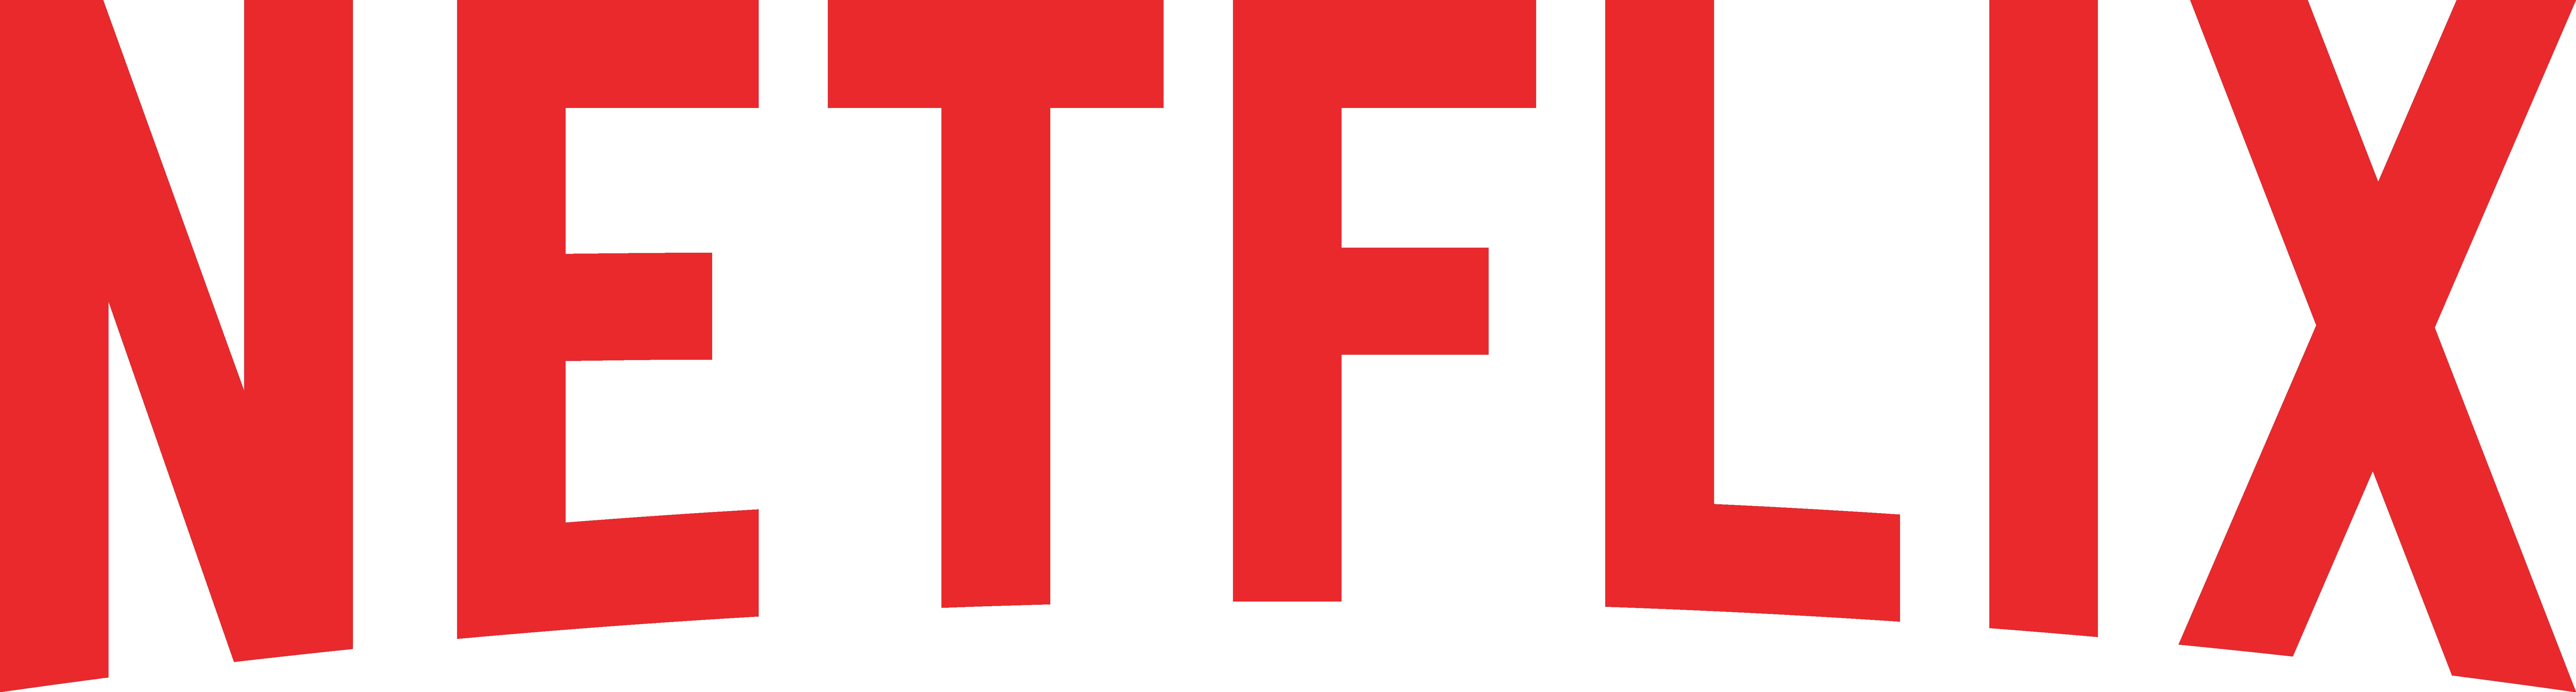 Streaming, the final frontier: Netflix to beam new 'Star ... - Netflix TV Logo